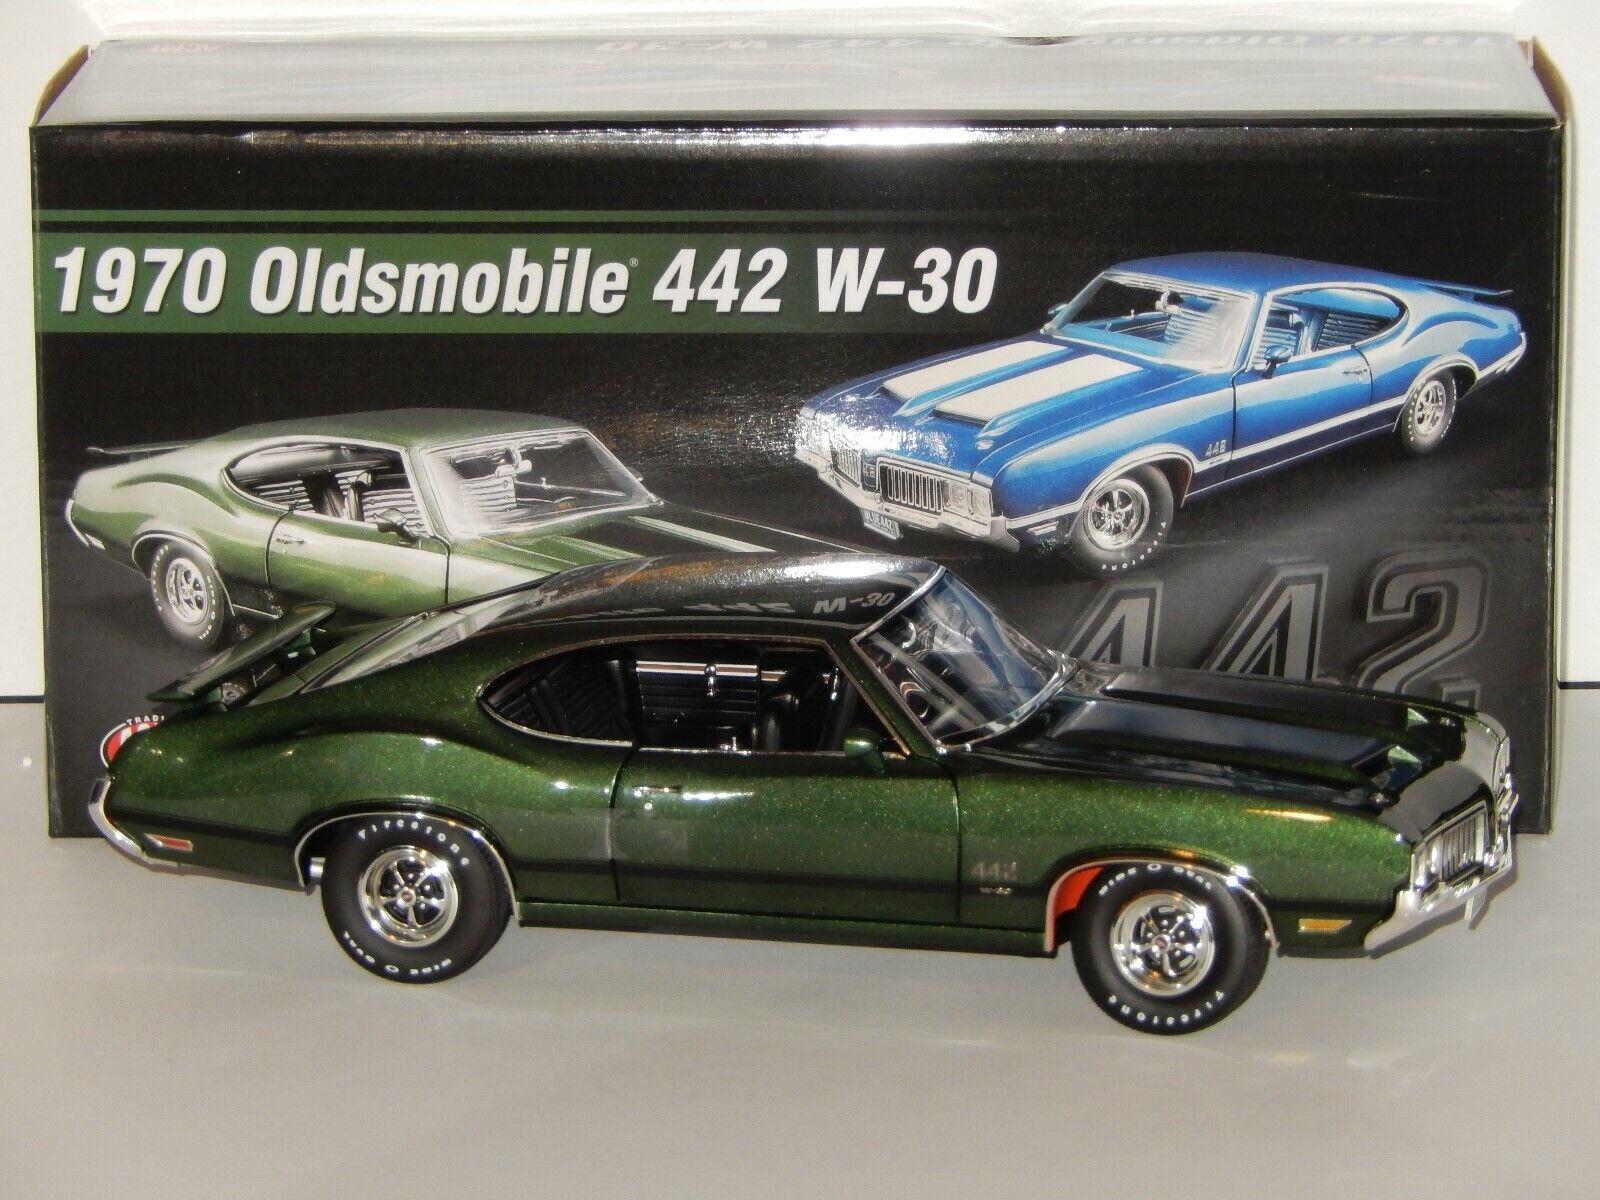 1 18  Scale GMP Acme 1970 Oldsmobile 442 W-30, Item No. A1805612, Sherbois vert  pas cher et de la mode